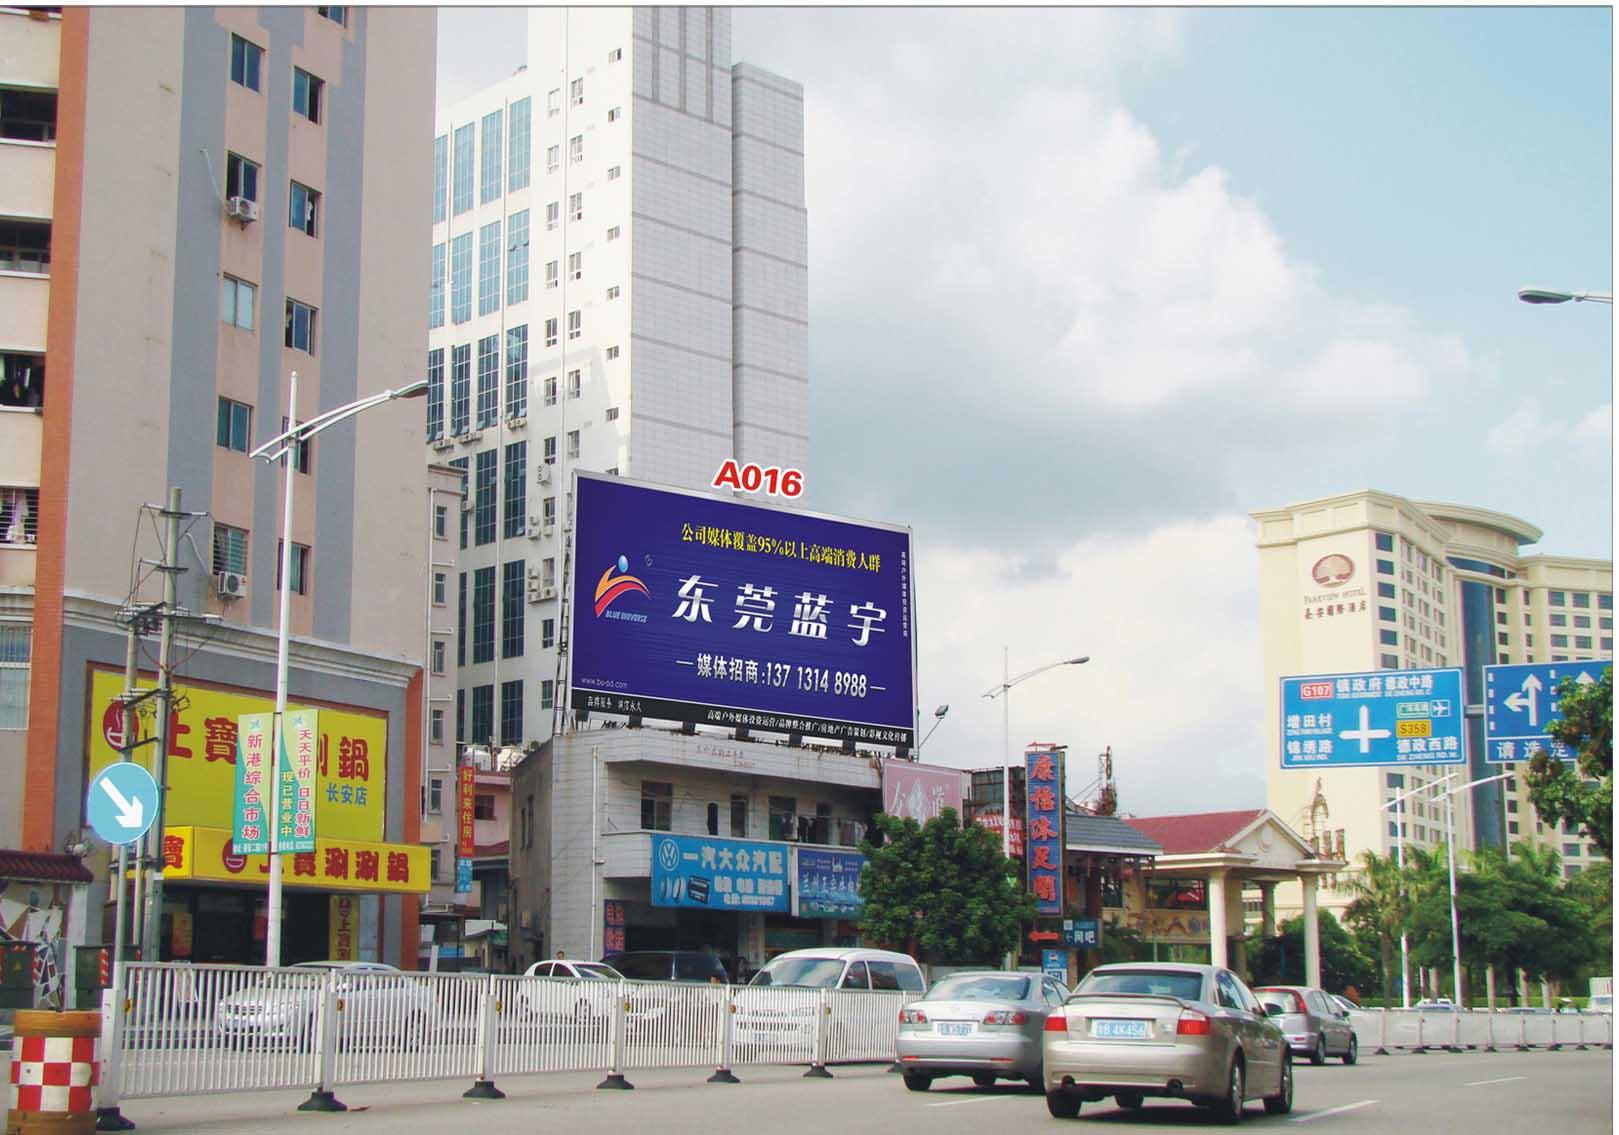 供应楼顶平面广告 户外喷绘 户外广告牌 广告位出租